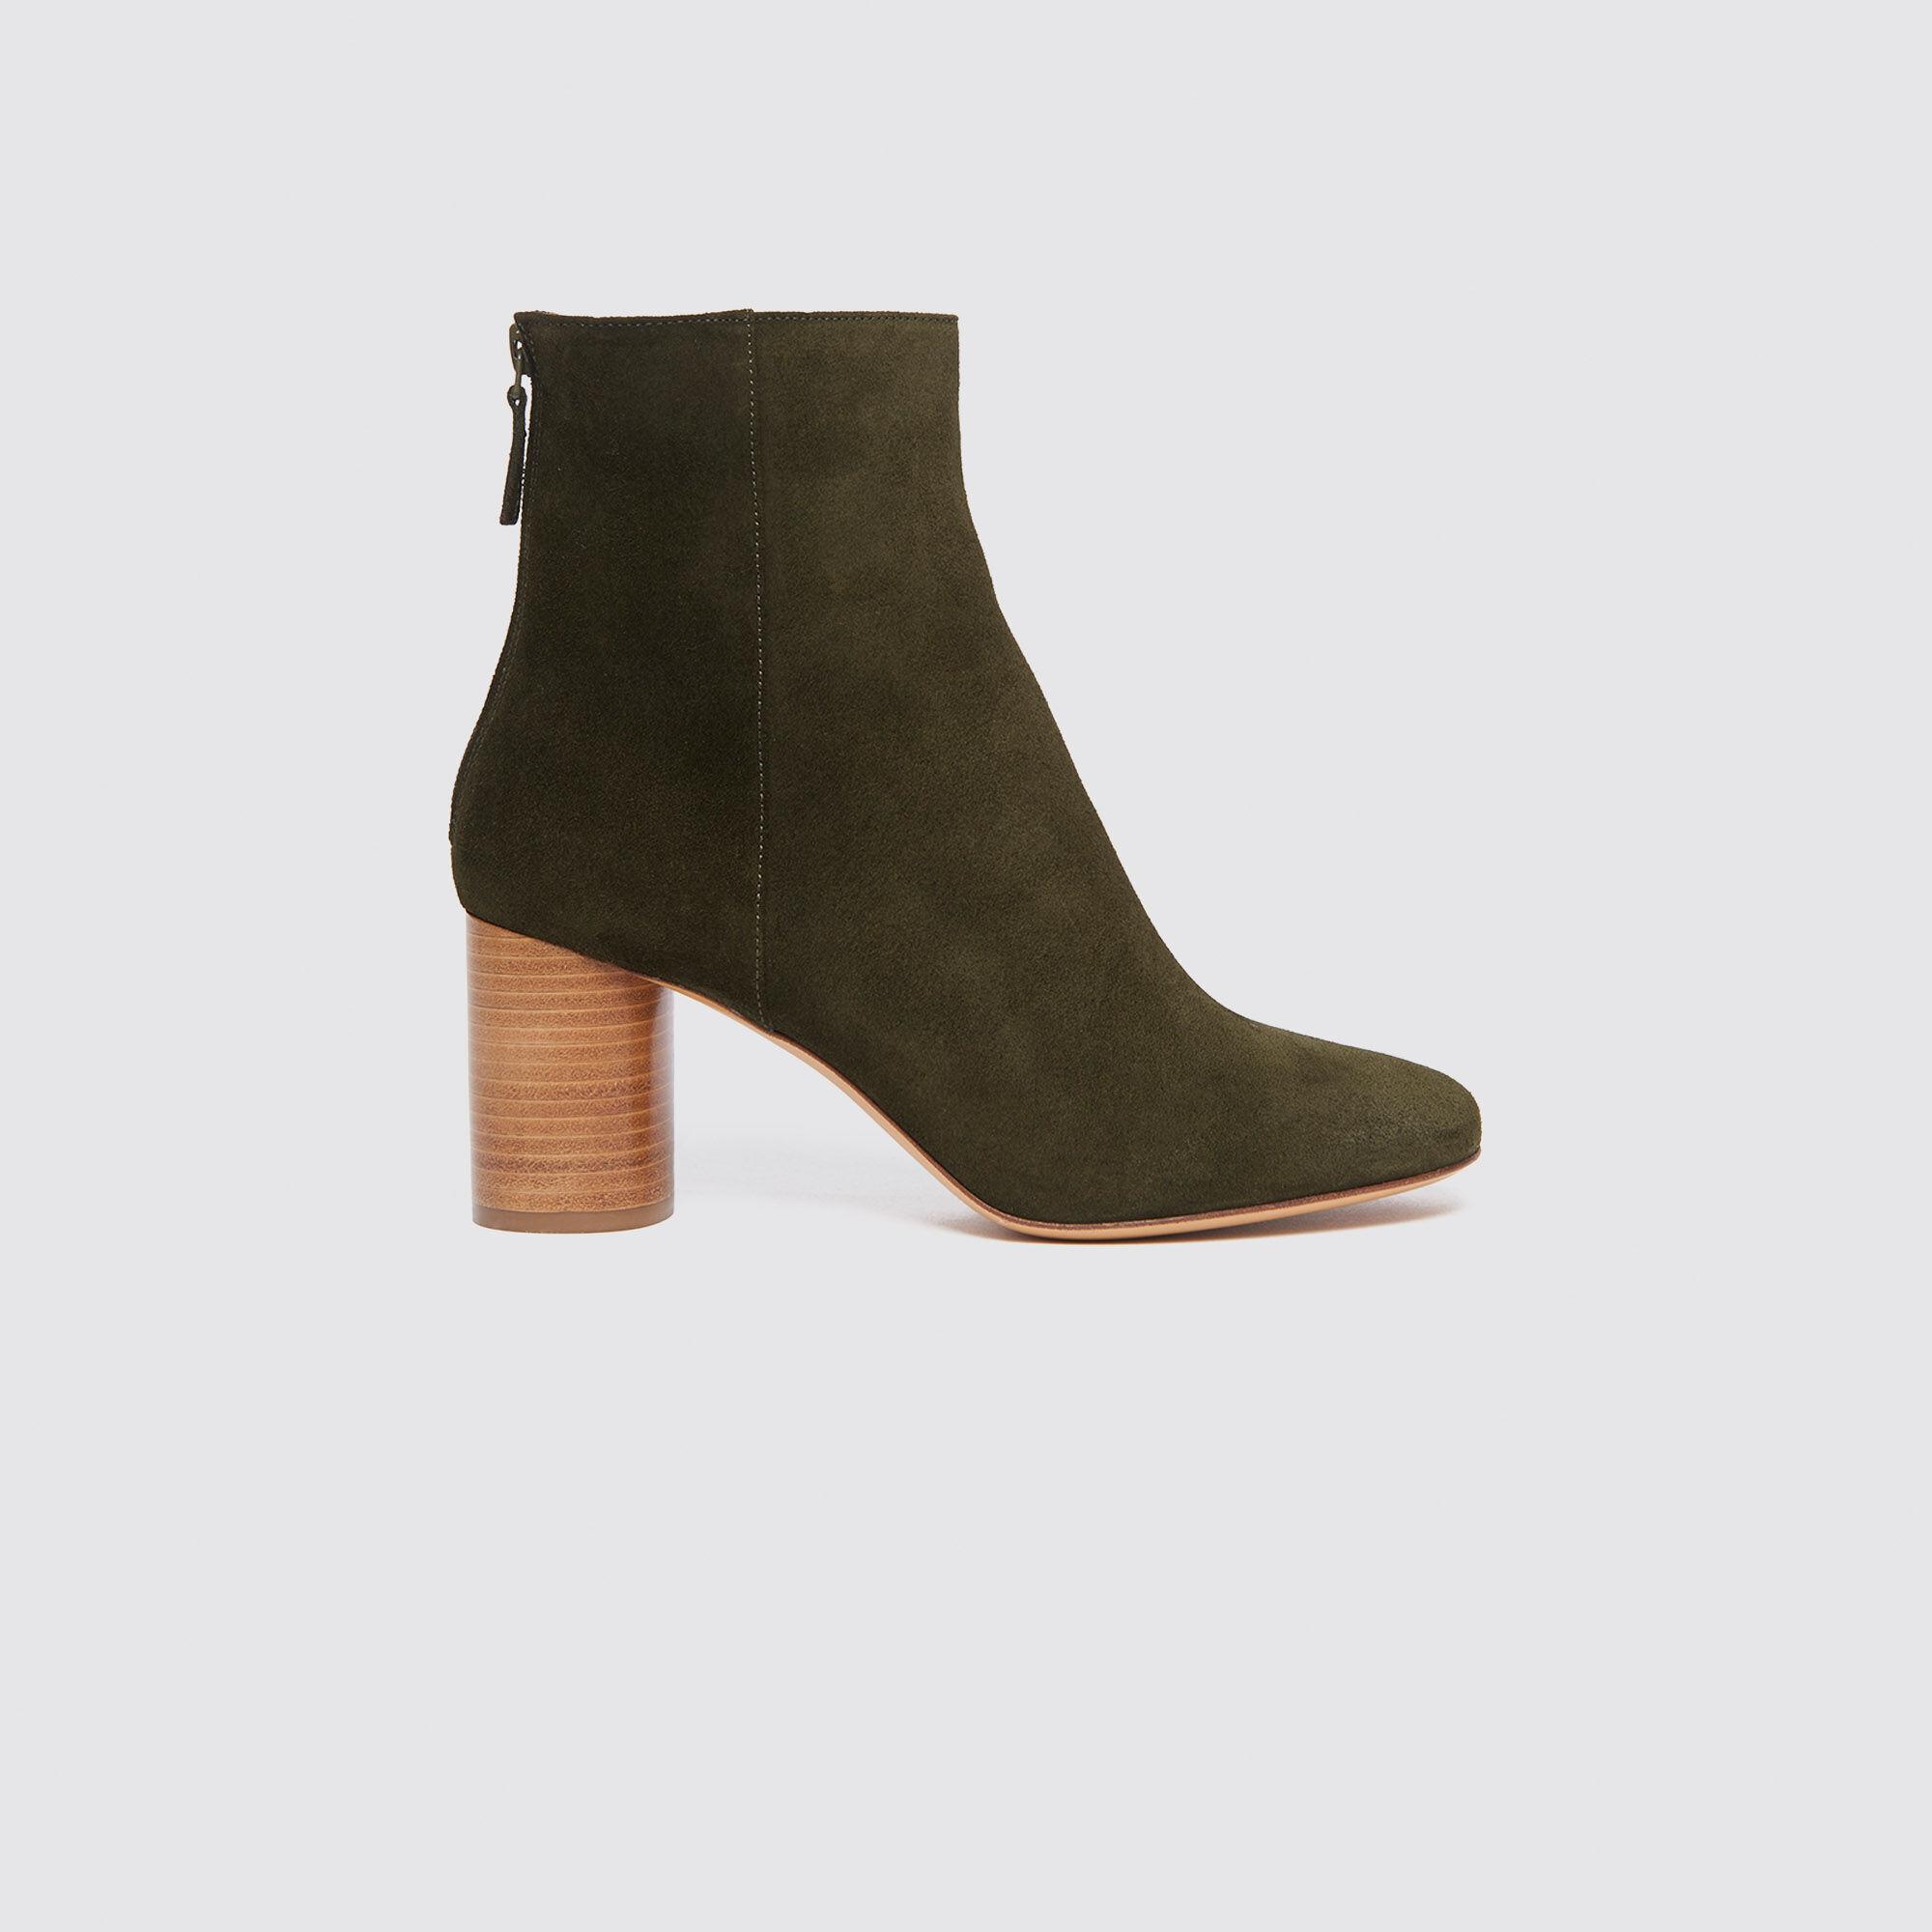 Mode Chaussure Femme Chaussures Tendance Modèles Nouveaux PqAwqxa